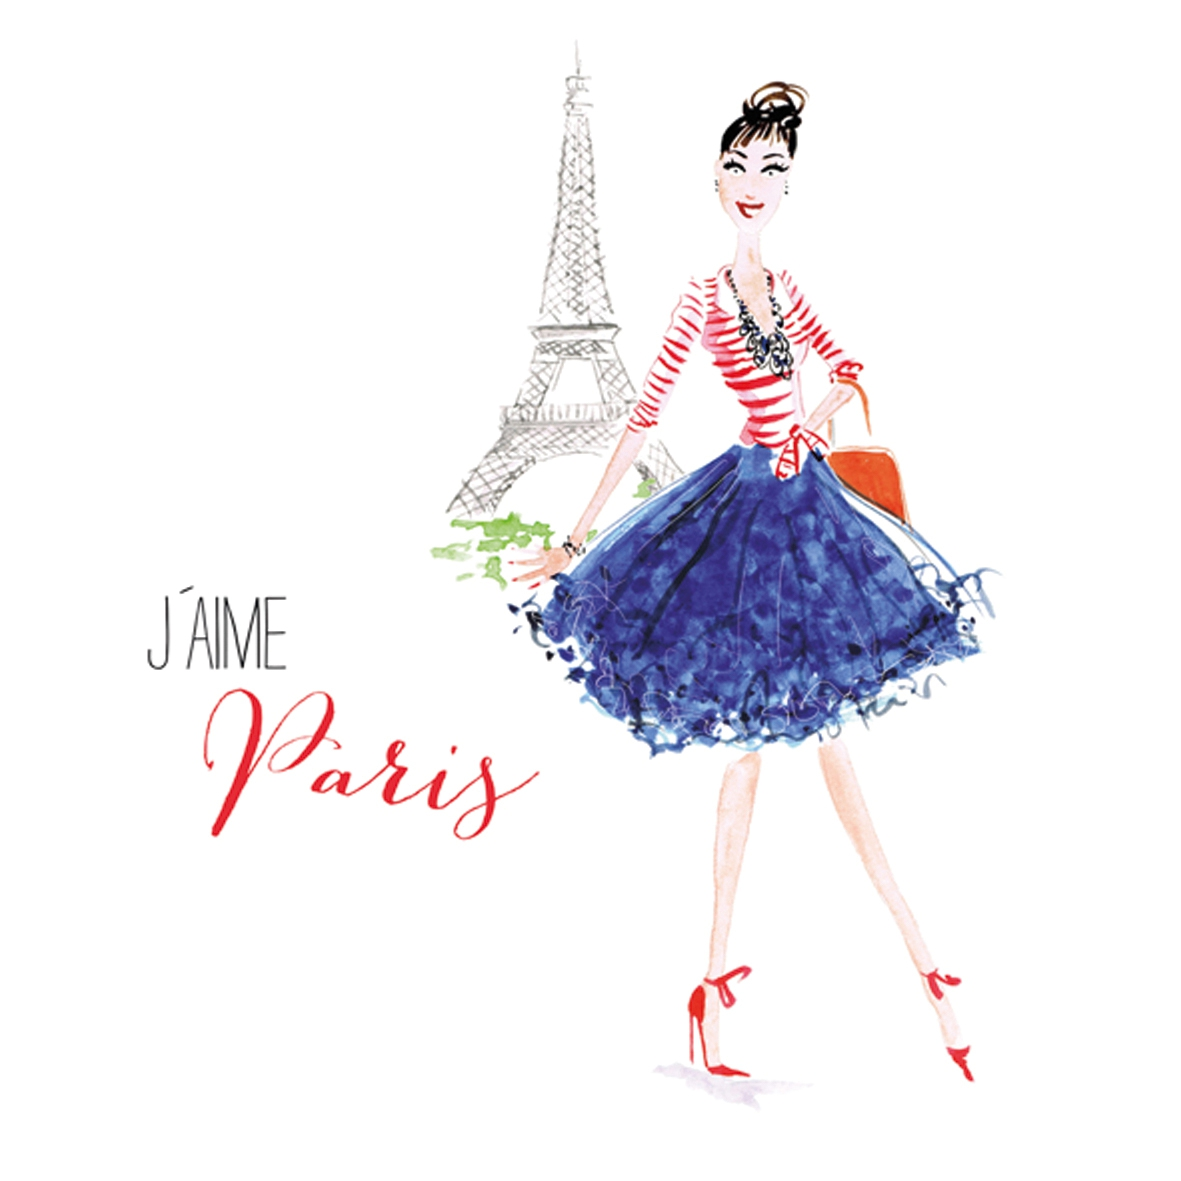 Lunch Servietten Paris City Girl,  Menschen - Personen,  Regionen - Länder - Frankreich,  Everyday,  lunchservietten,  Paris,  Eifelturm,  Schriften